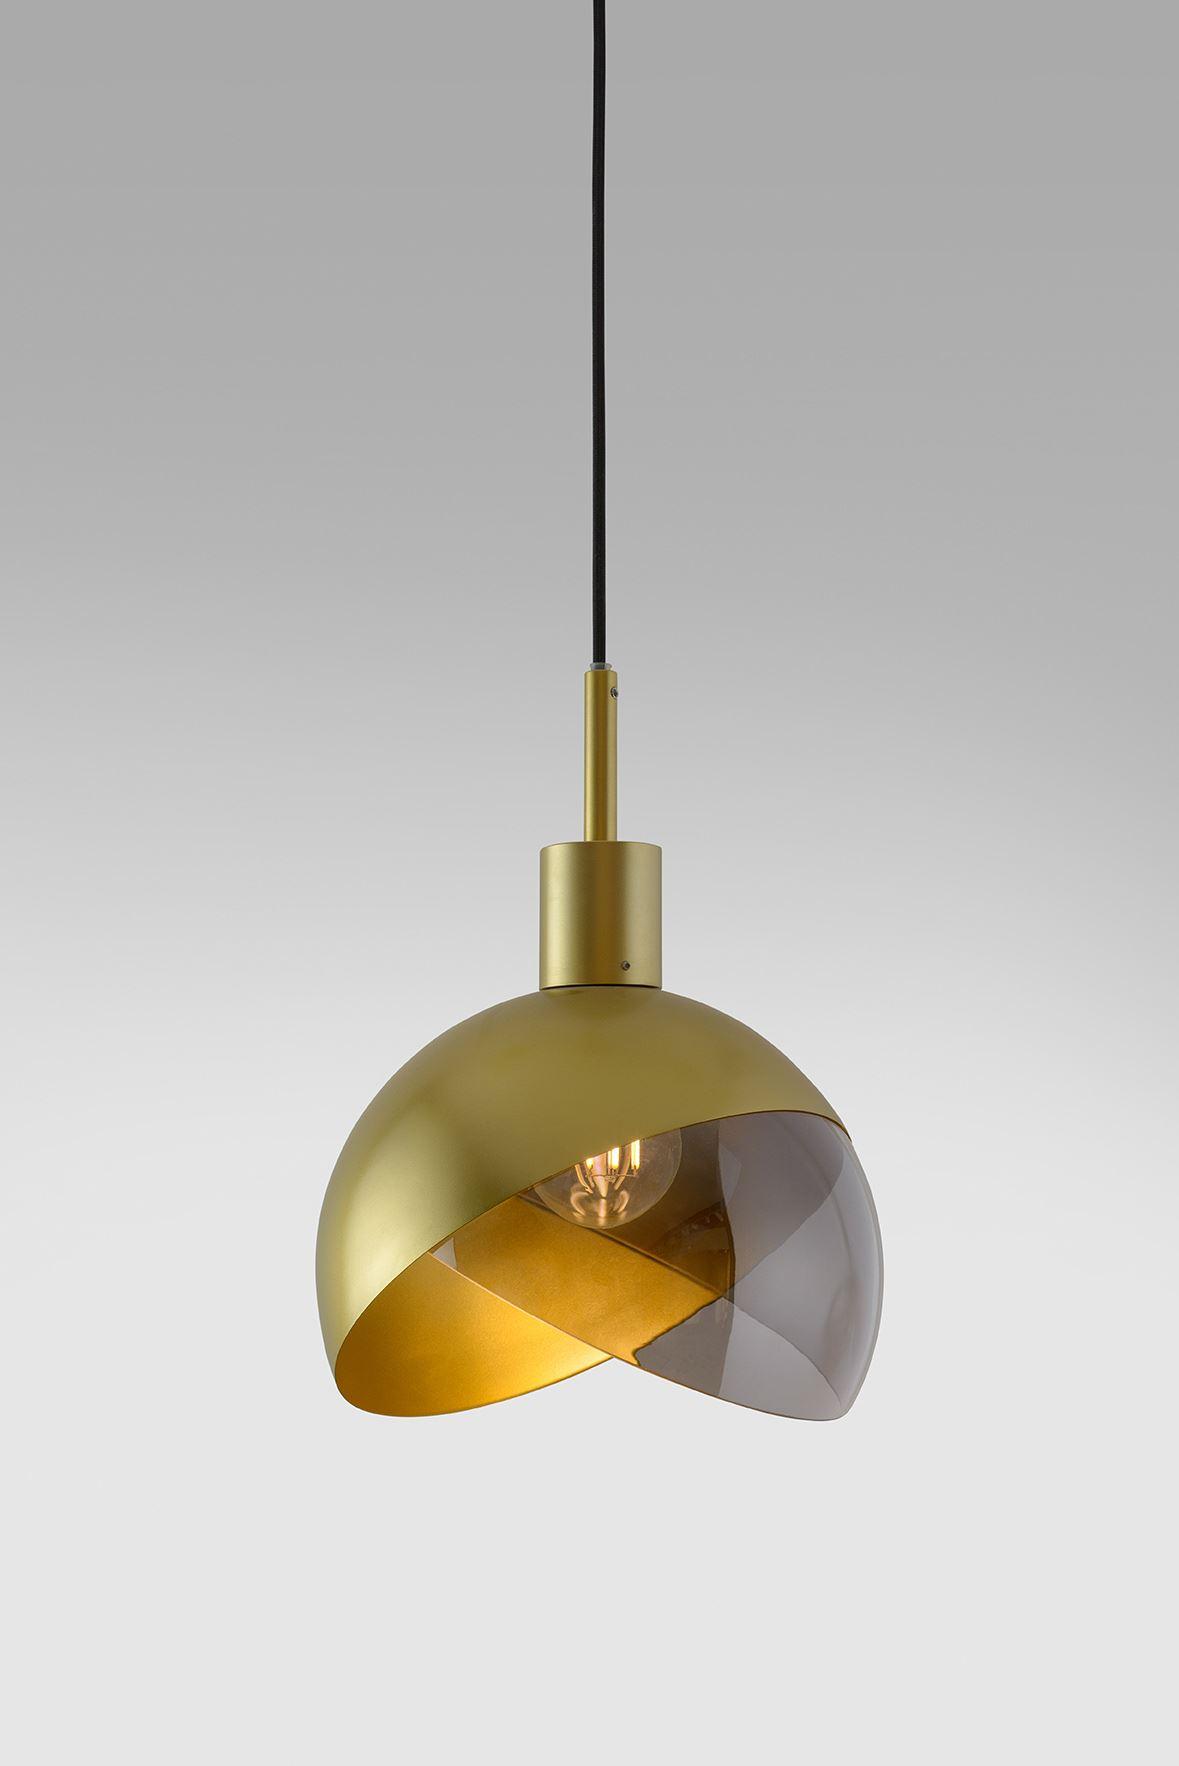 גופי תאורה בקטגוריית: צילינדרים  ,שם המוצר: SHELL